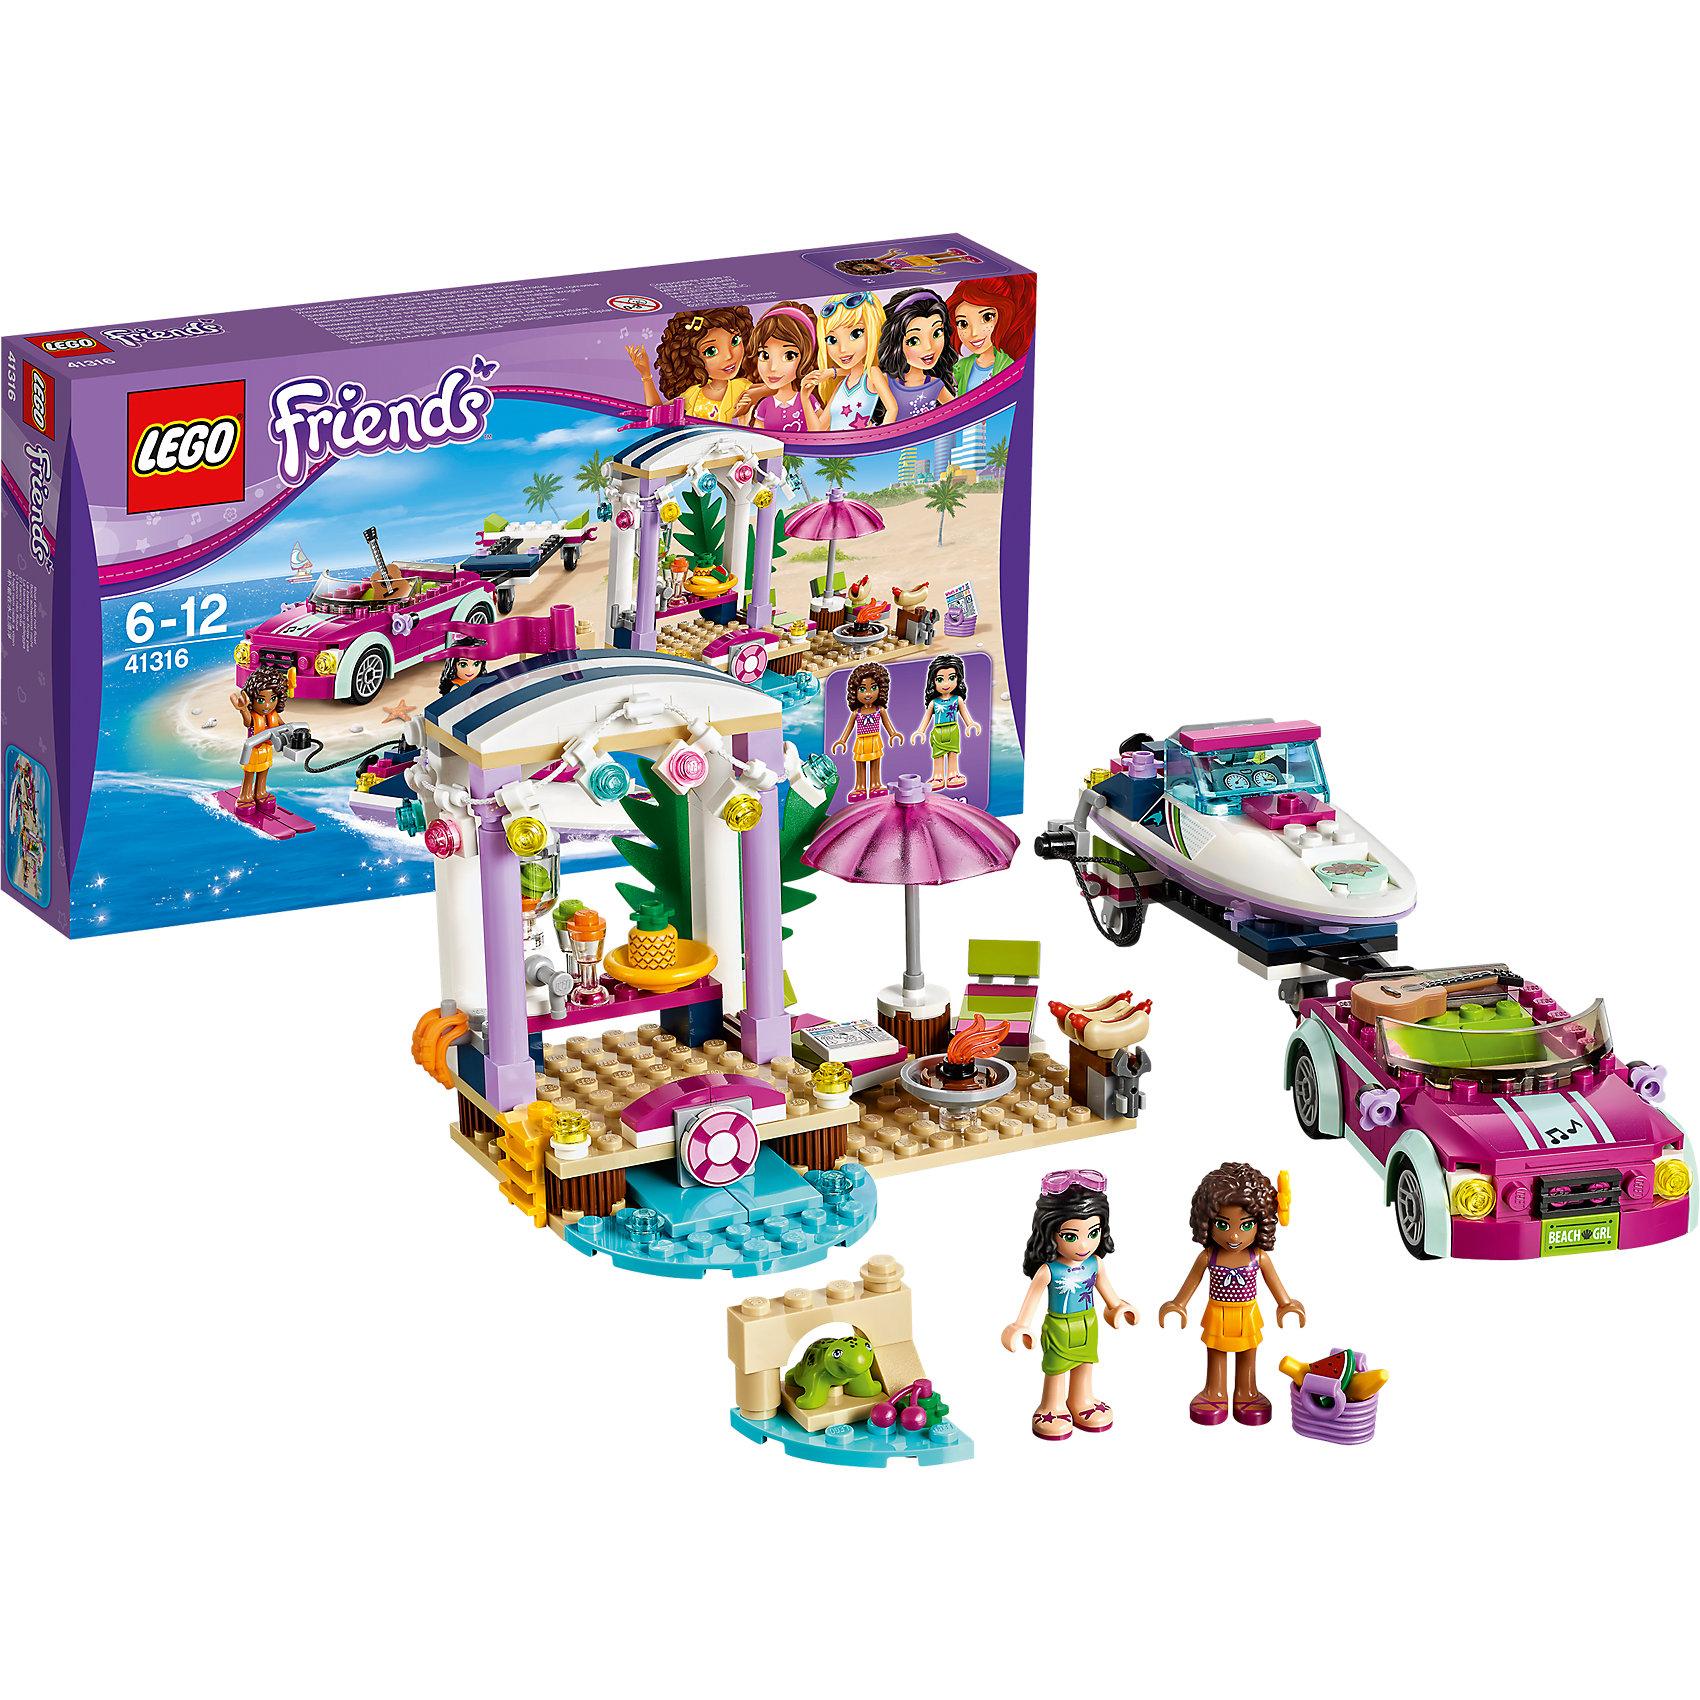 LEGO Friends 41316: Скоростной катер АндреаПластмассовые конструкторы<br><br><br>Ширина мм: 350<br>Глубина мм: 195<br>Высота мм: 63<br>Вес г: 446<br>Возраст от месяцев: 72<br>Возраст до месяцев: 144<br>Пол: Женский<br>Возраст: Детский<br>SKU: 5620049